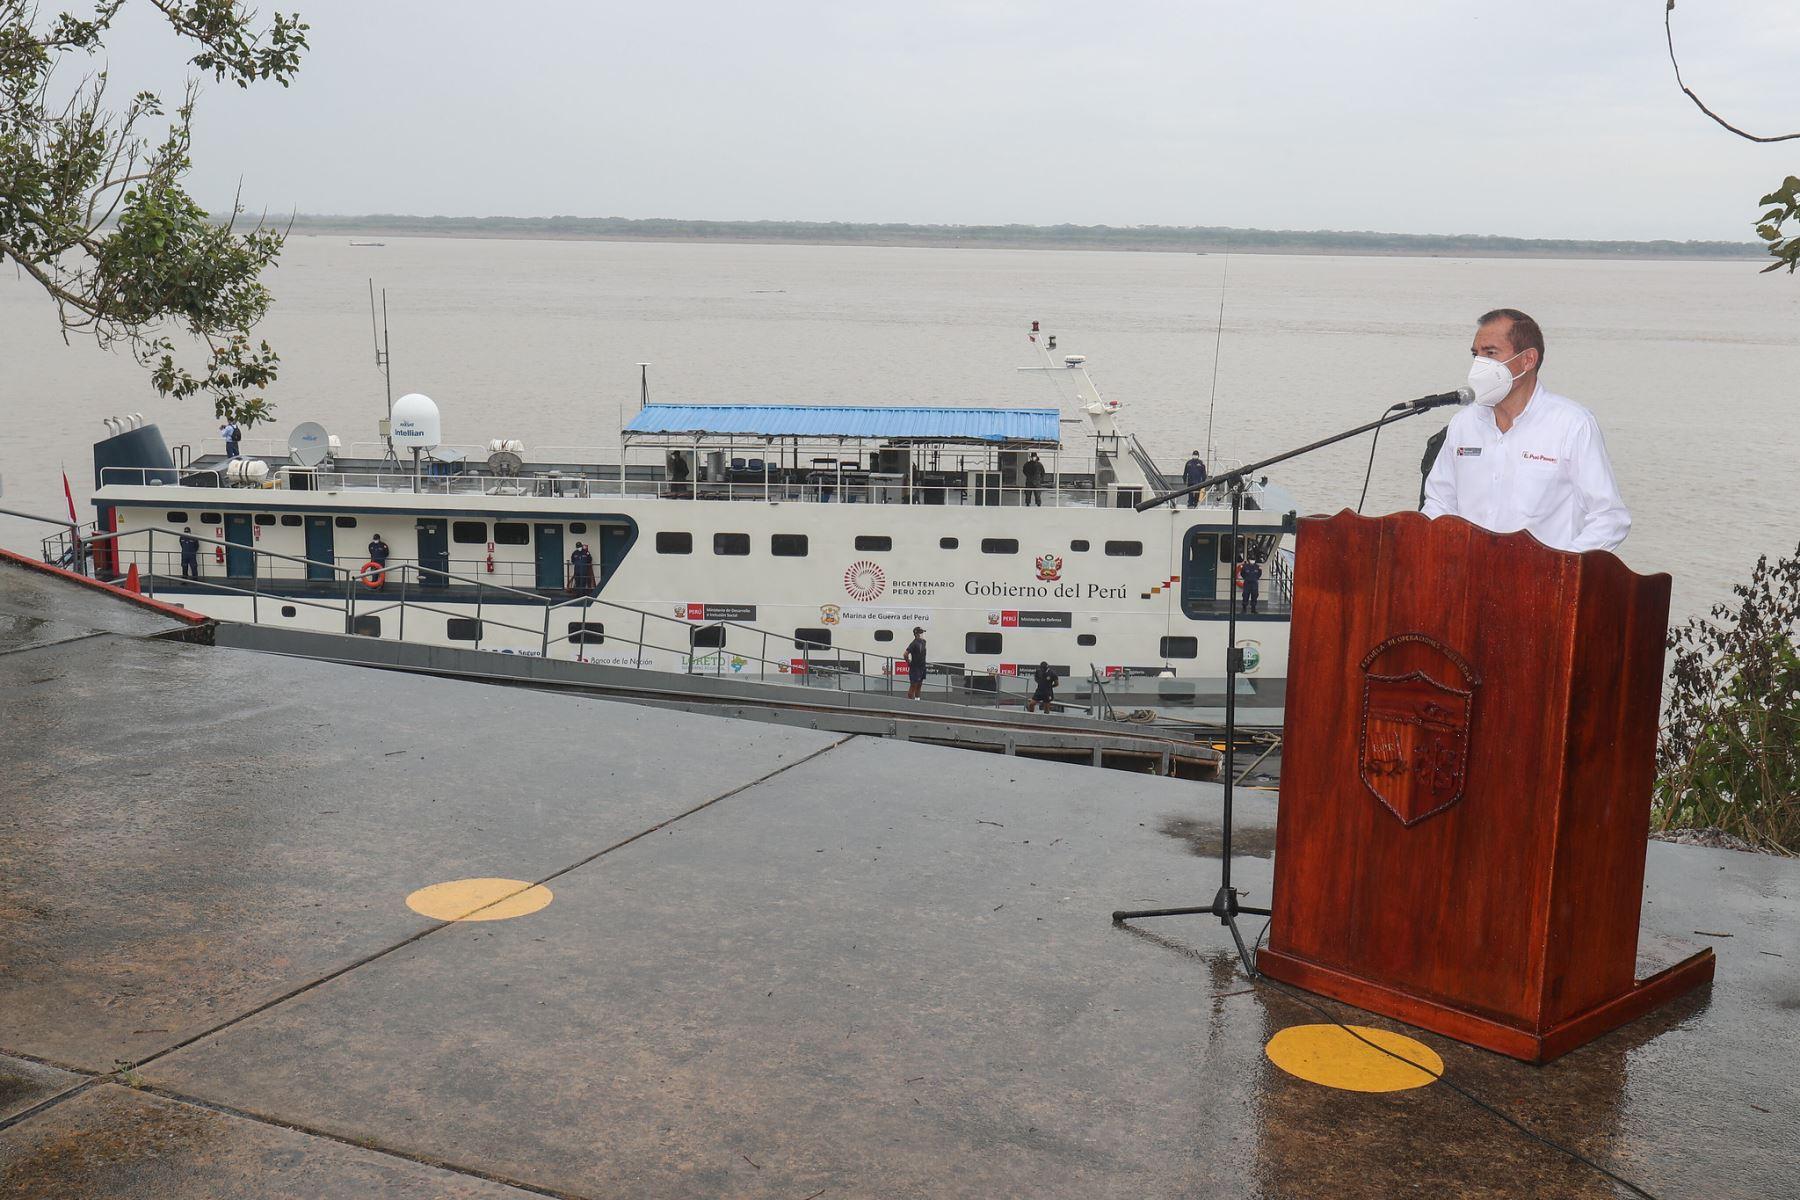 El presidente del Consejo de Ministros Walter Martos presidió, la ceremonia de zarpe de la campaña PIAS del  Midis en Iquitos, que llevará atención a poblaciones de comunidades nativas en el marco de las acciones de prevención y mitigación del covid-19.   Foto: ANDINA/PCM